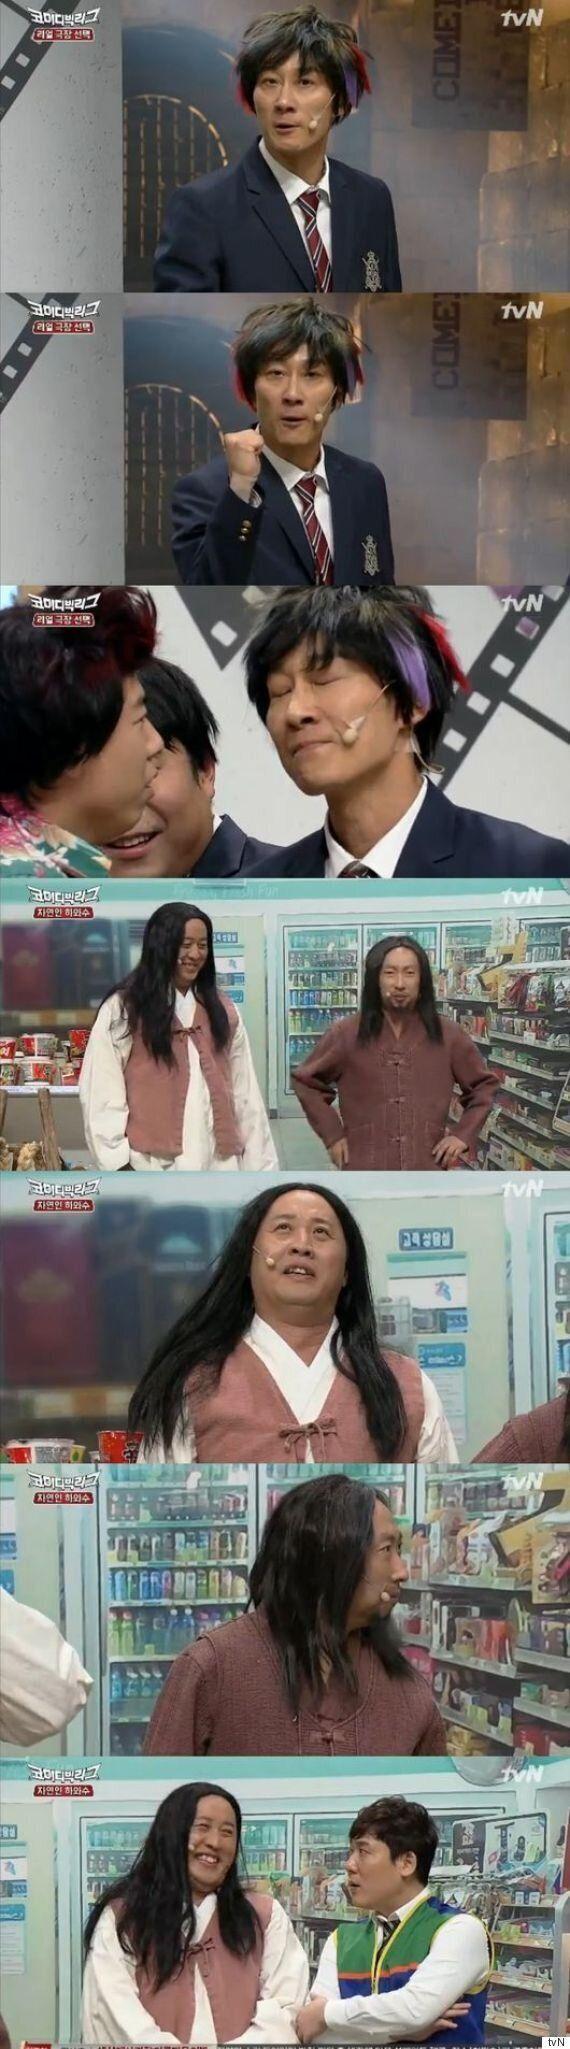 [어저께TV]'코빅' 박명수·정준하·이휘재까지, 노장들의 열정으로 꽉